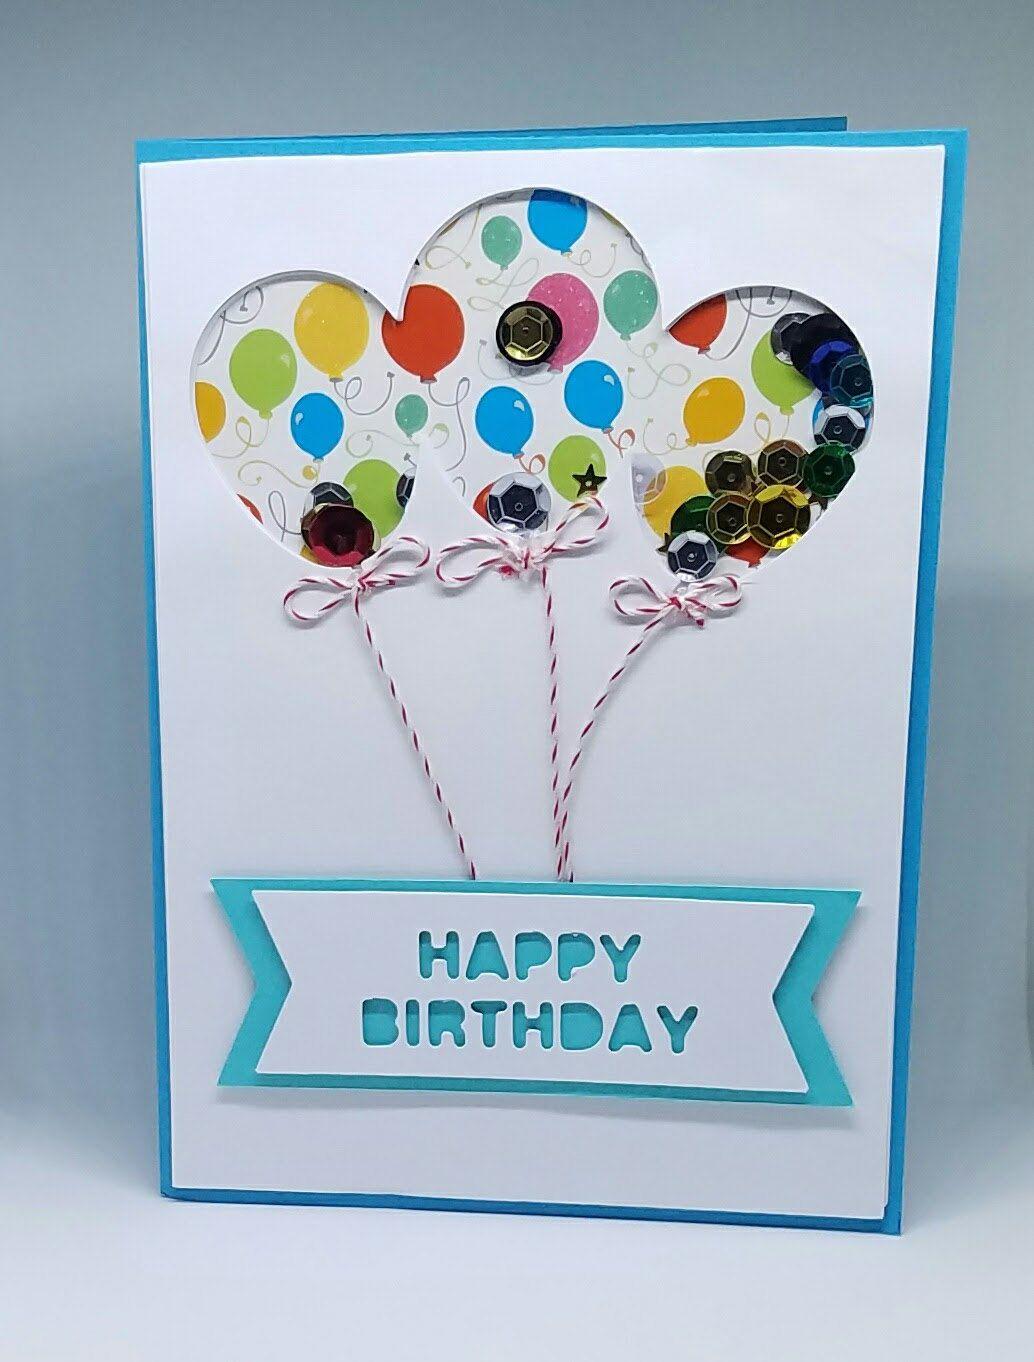 Happy birthday shaker card handmade white elegant greeting card happy birthday shaker card handmade white elegant greeting card custom made greeting card blue balloon birthday card by violettscrapbooking on etsy m4hsunfo